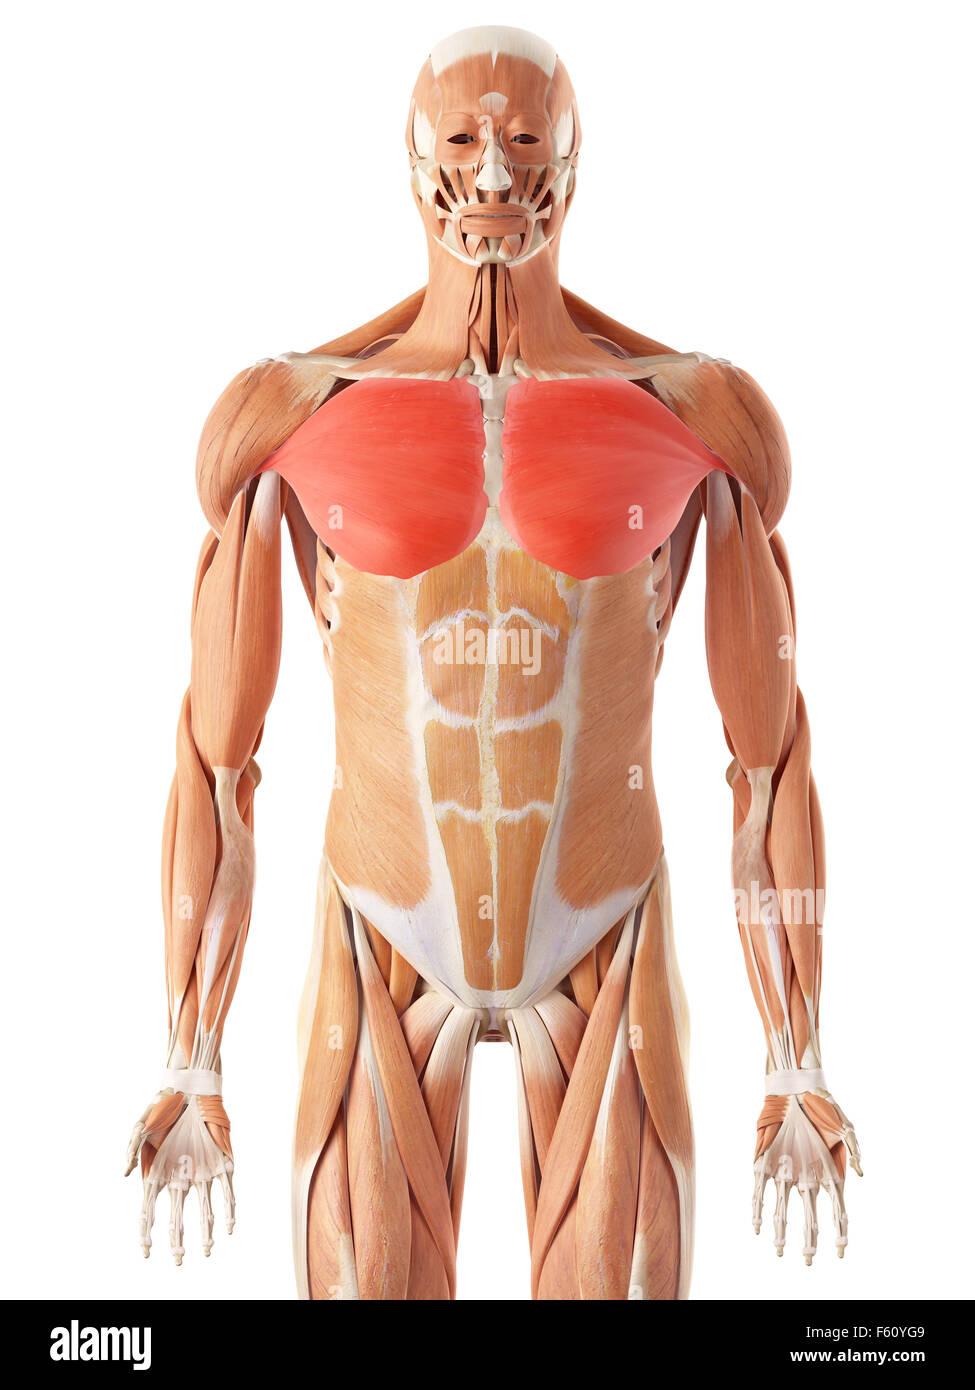 Illustration Pectoralis Major Muscle Stockfotos & Illustration ...